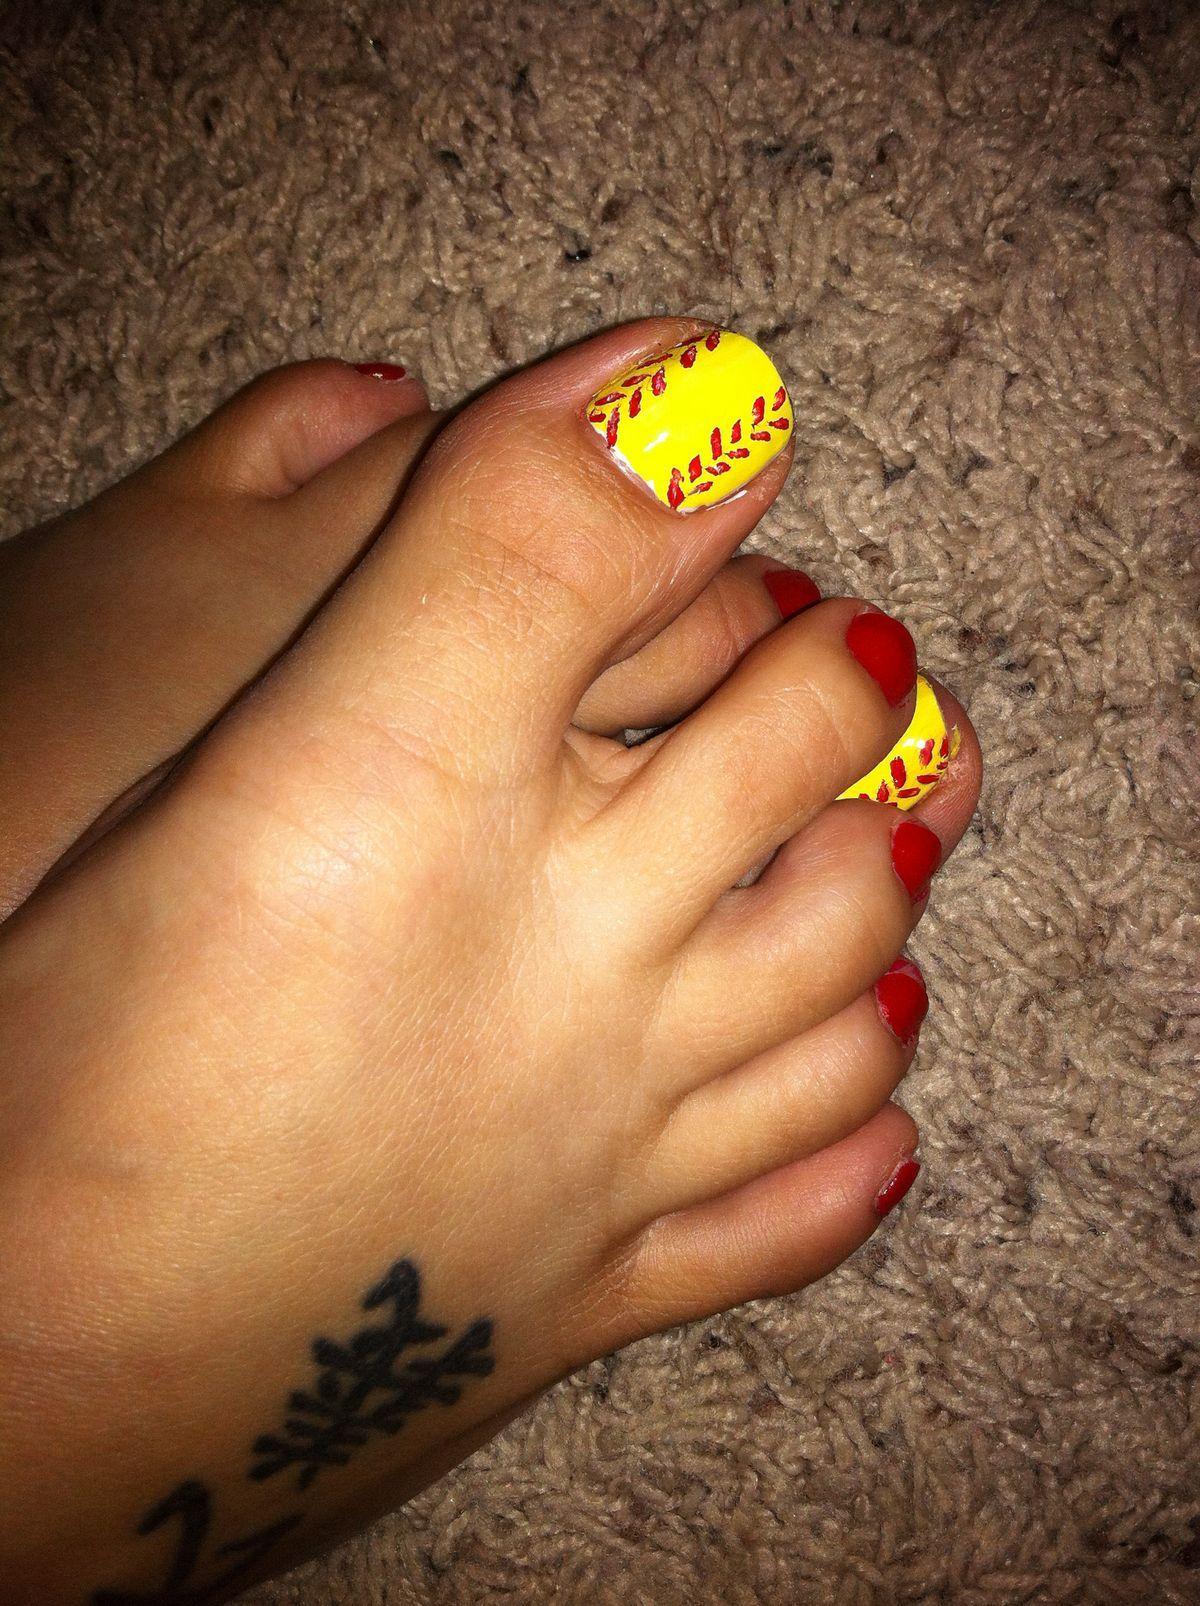 Pin By Megan Crawford On Nails Pinterest Toe Nail Designs